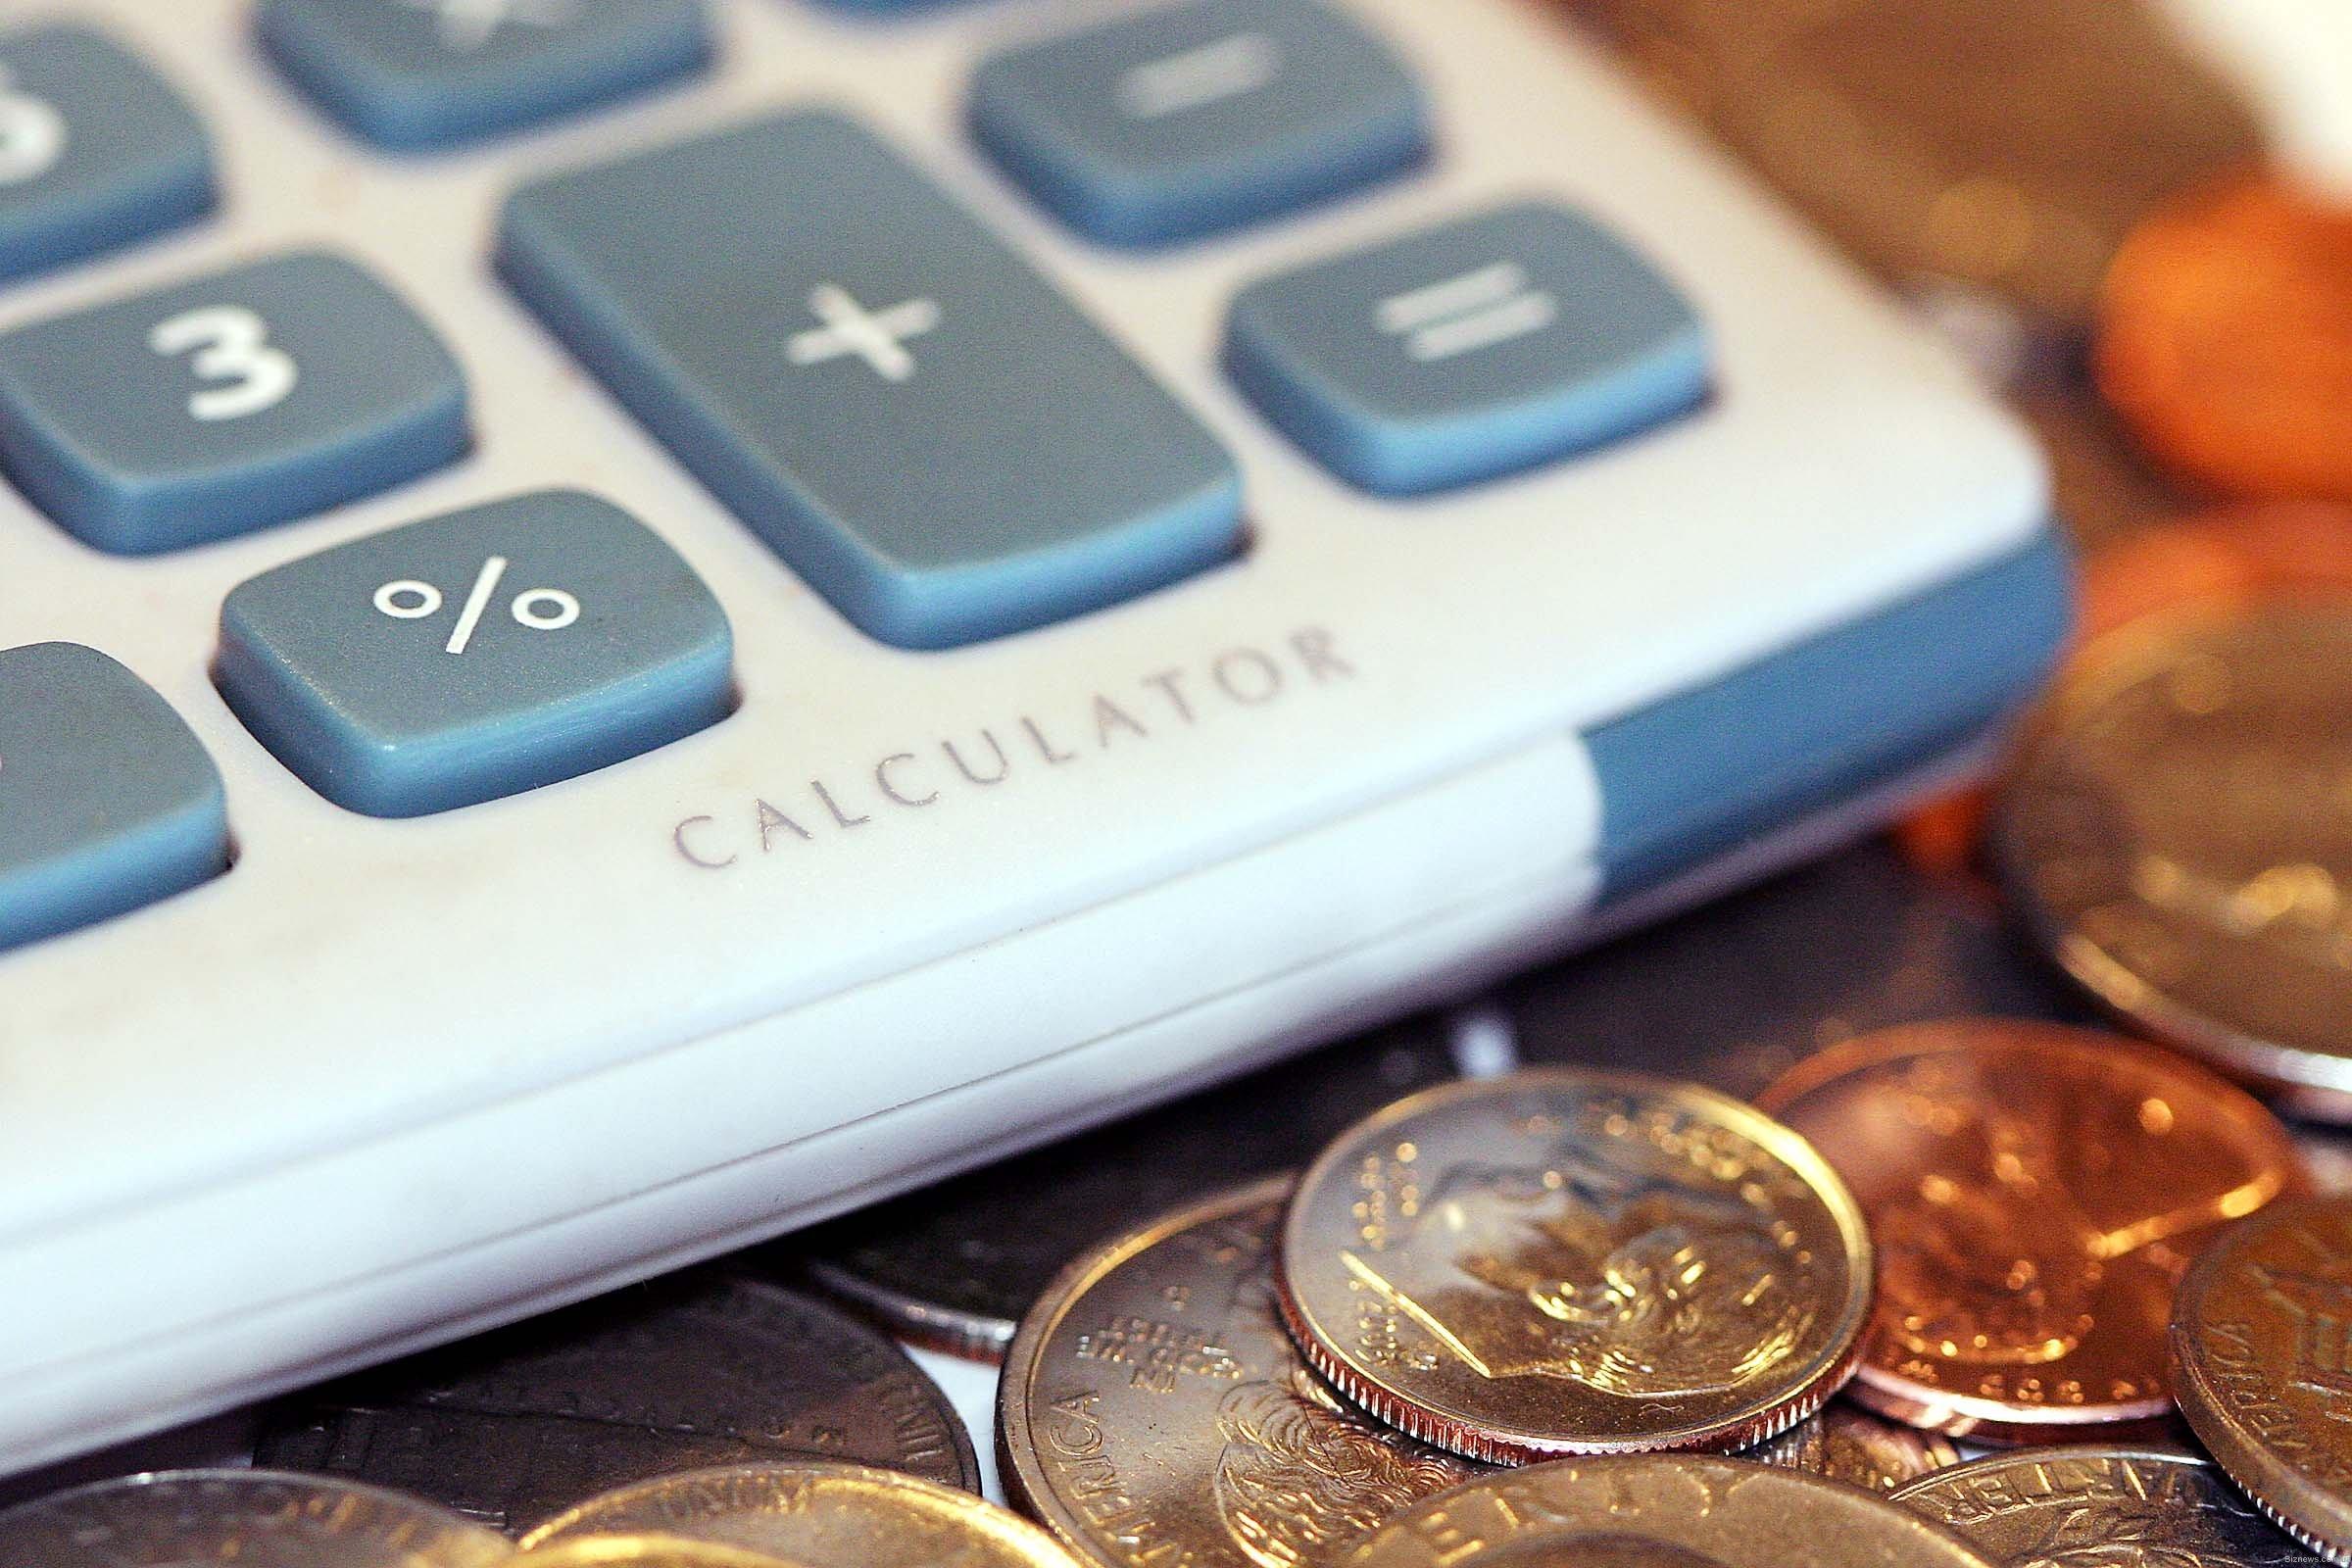 На Закарпатье сельхозпредприятие уклонилось от уплаты 4,6 млн гривен налогов